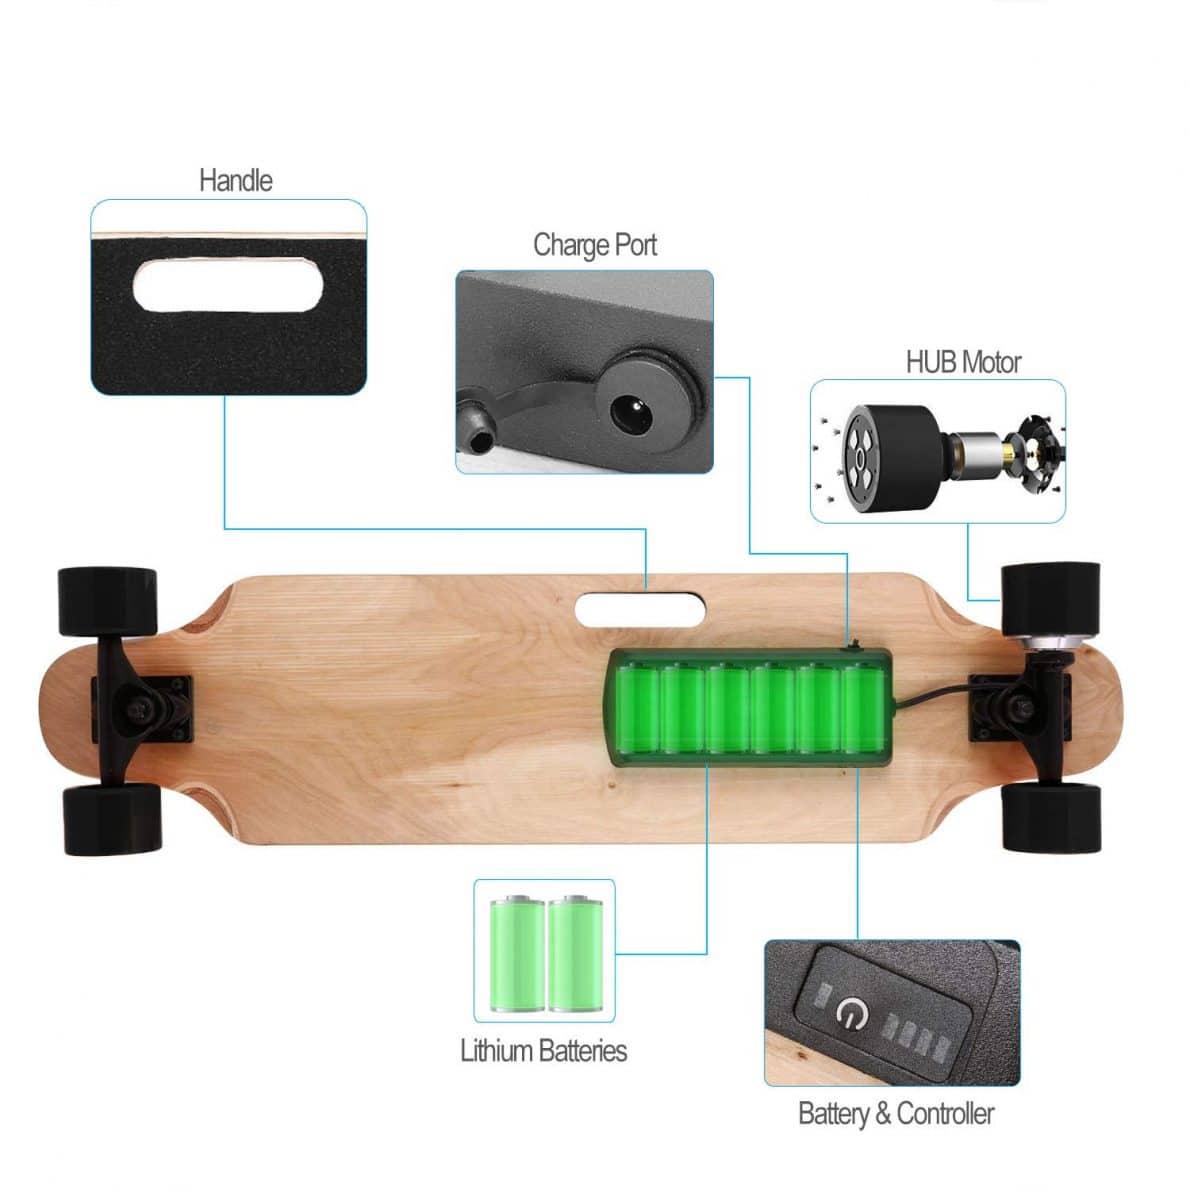 maigeek skateboard features